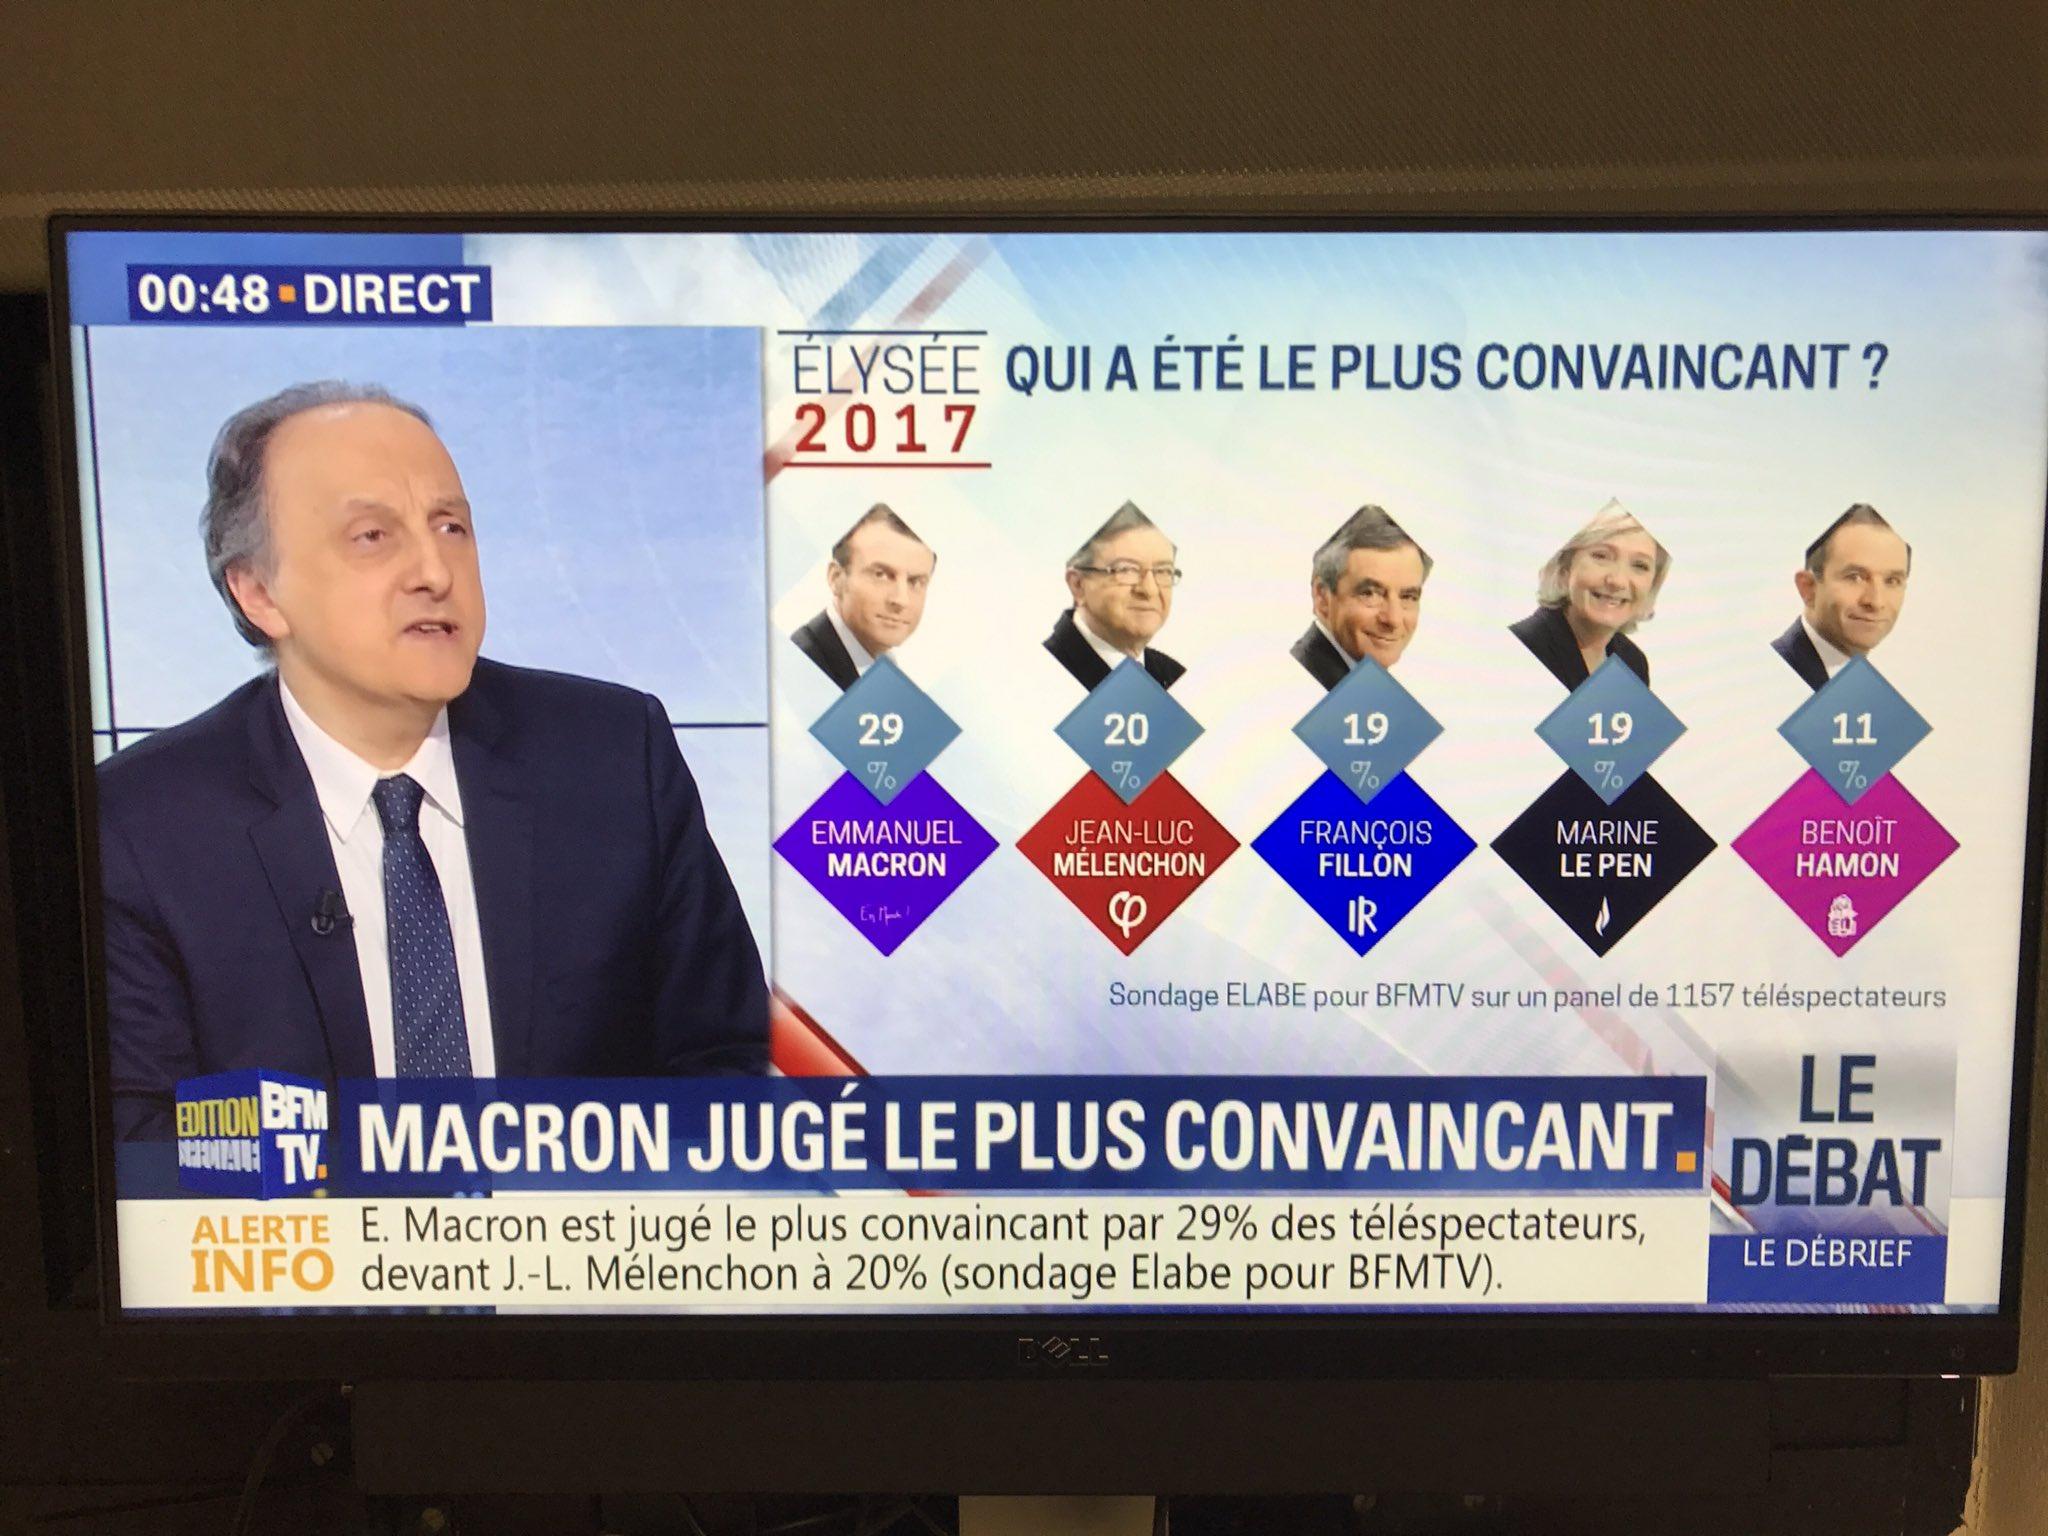 Sans appel, Macron est le plus convaincant #LeGrandDebat https://t.co/MBCQFVkbRU